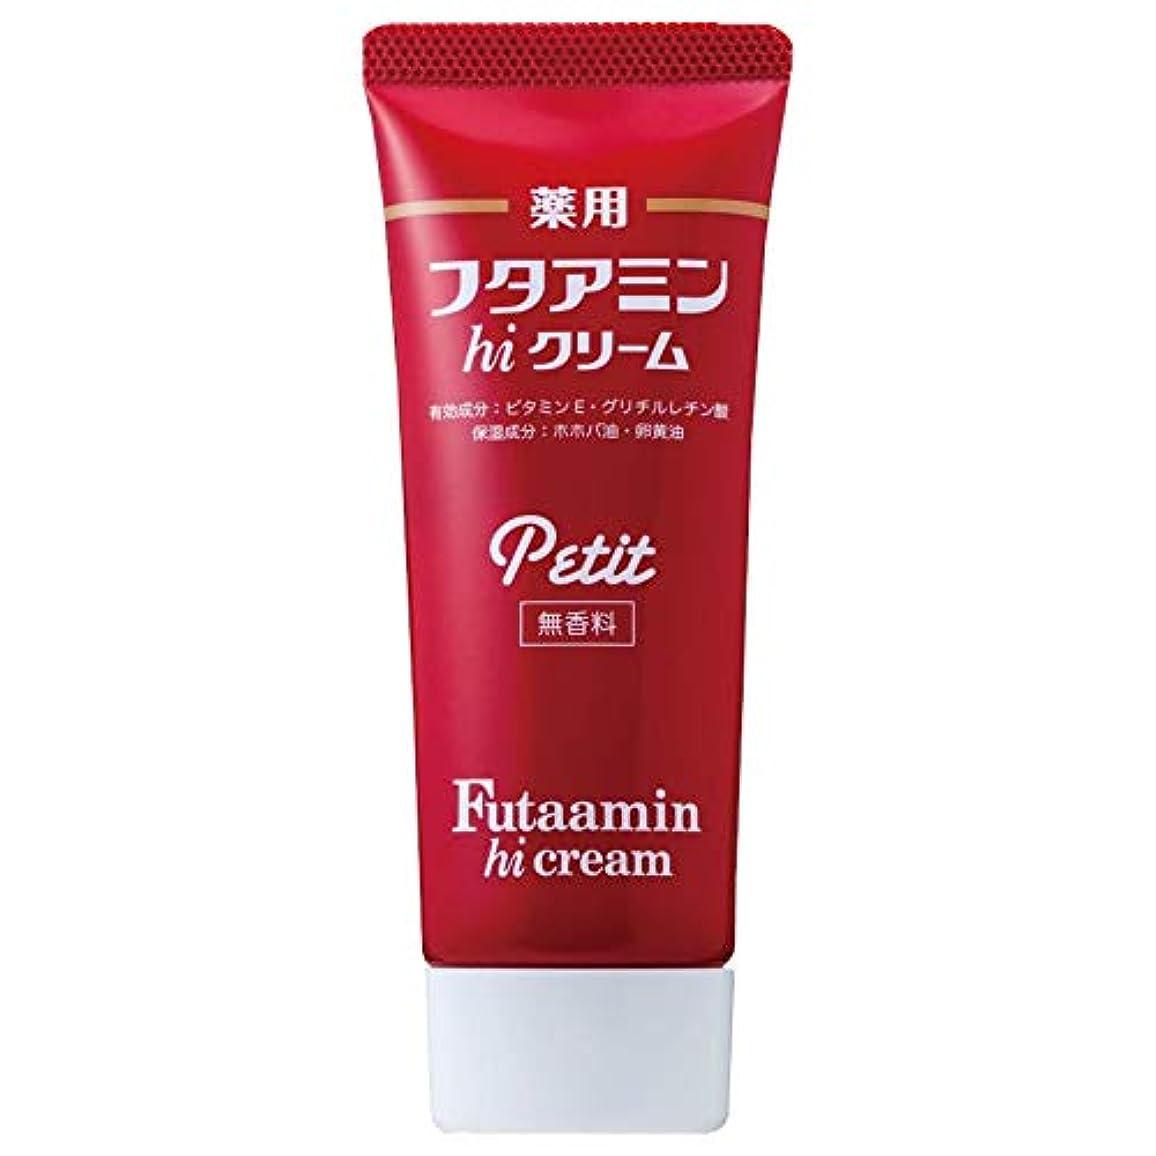 満足防水マガジン薬用フタアミンhiクリーム Petit(プチ)35g